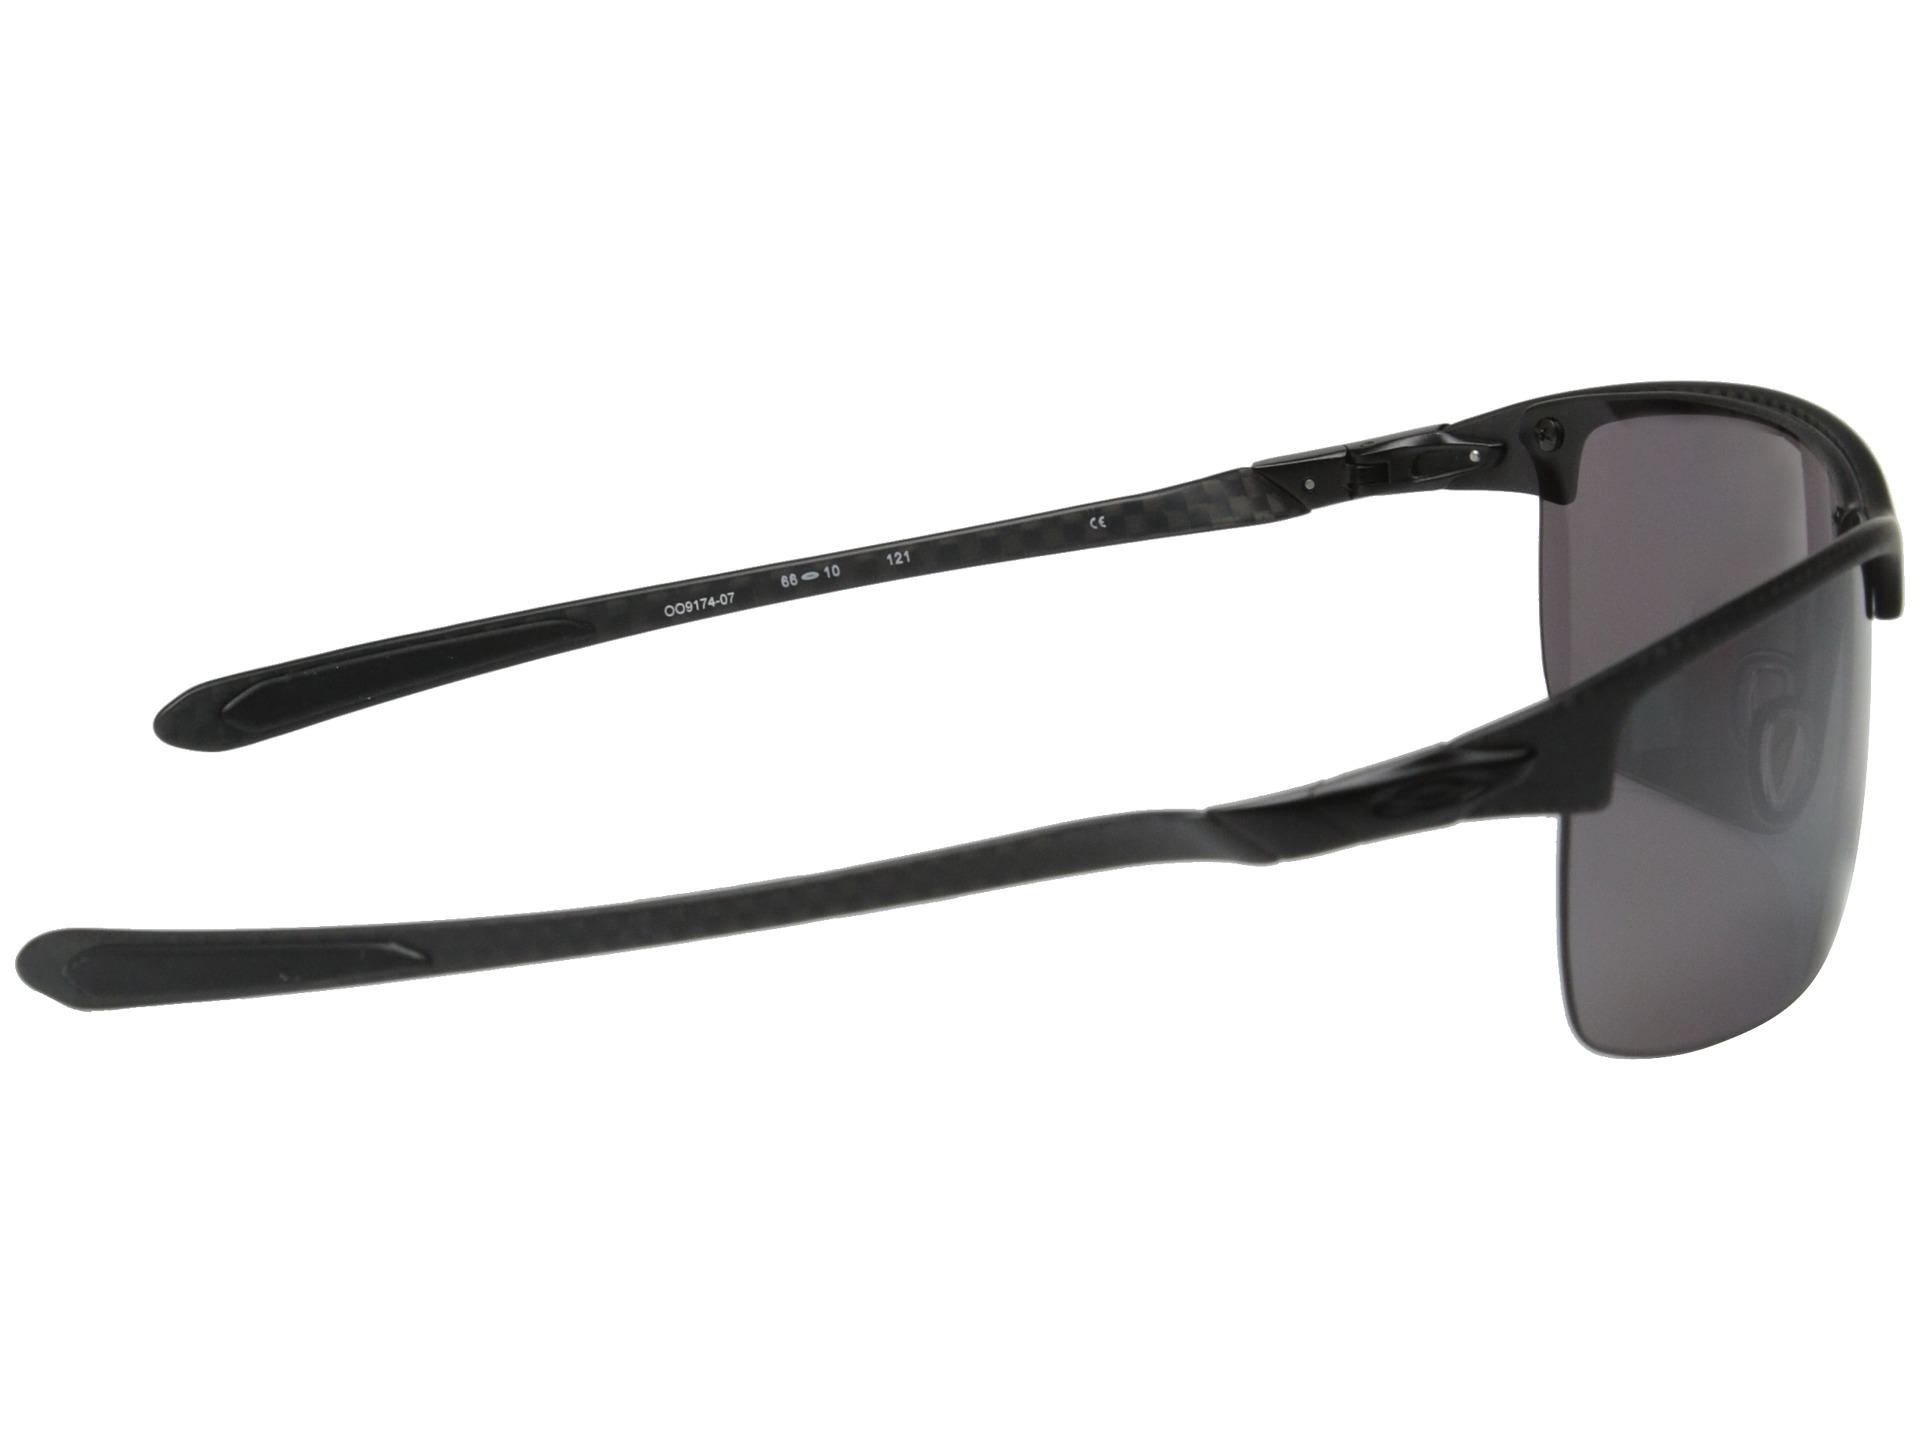 819ec62440 Oakley Carbon Blade Prizm « Heritage Malta